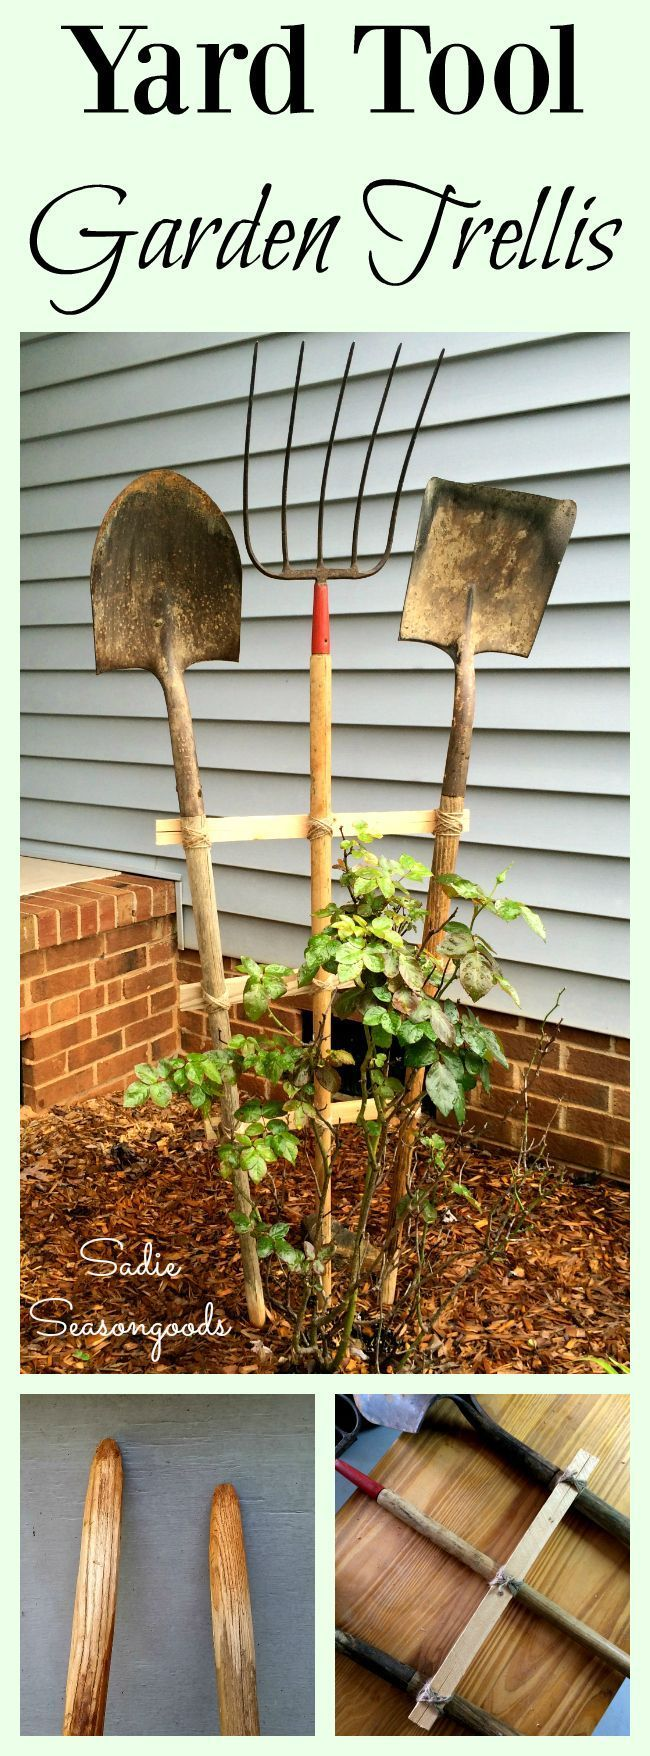 Bau eines Gartengitters mit landwirtschaftlichen Gartengeräten / primitivem Dekor   - Gartengestaltung Dekoration - #Bau #Dekor #Dekoration #eines #Gartengeräten #Gartengestaltung #Gartengitters #landwirtschaftlichen #mit #primitivem #gardeningtools